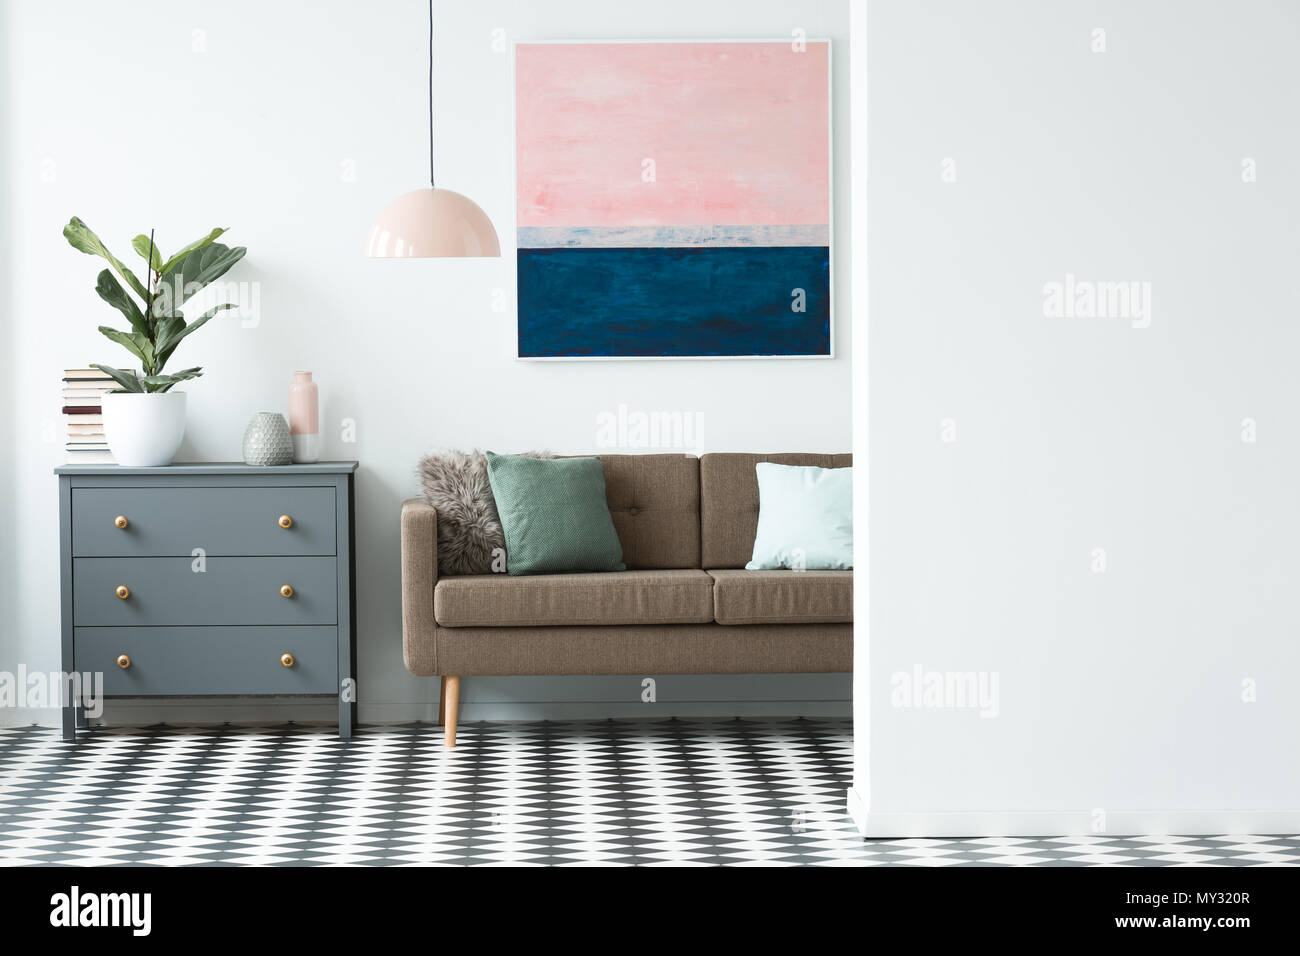 Echten Foto Von Einer Kommode Werk Braun Sofa Und Malerei In Ein